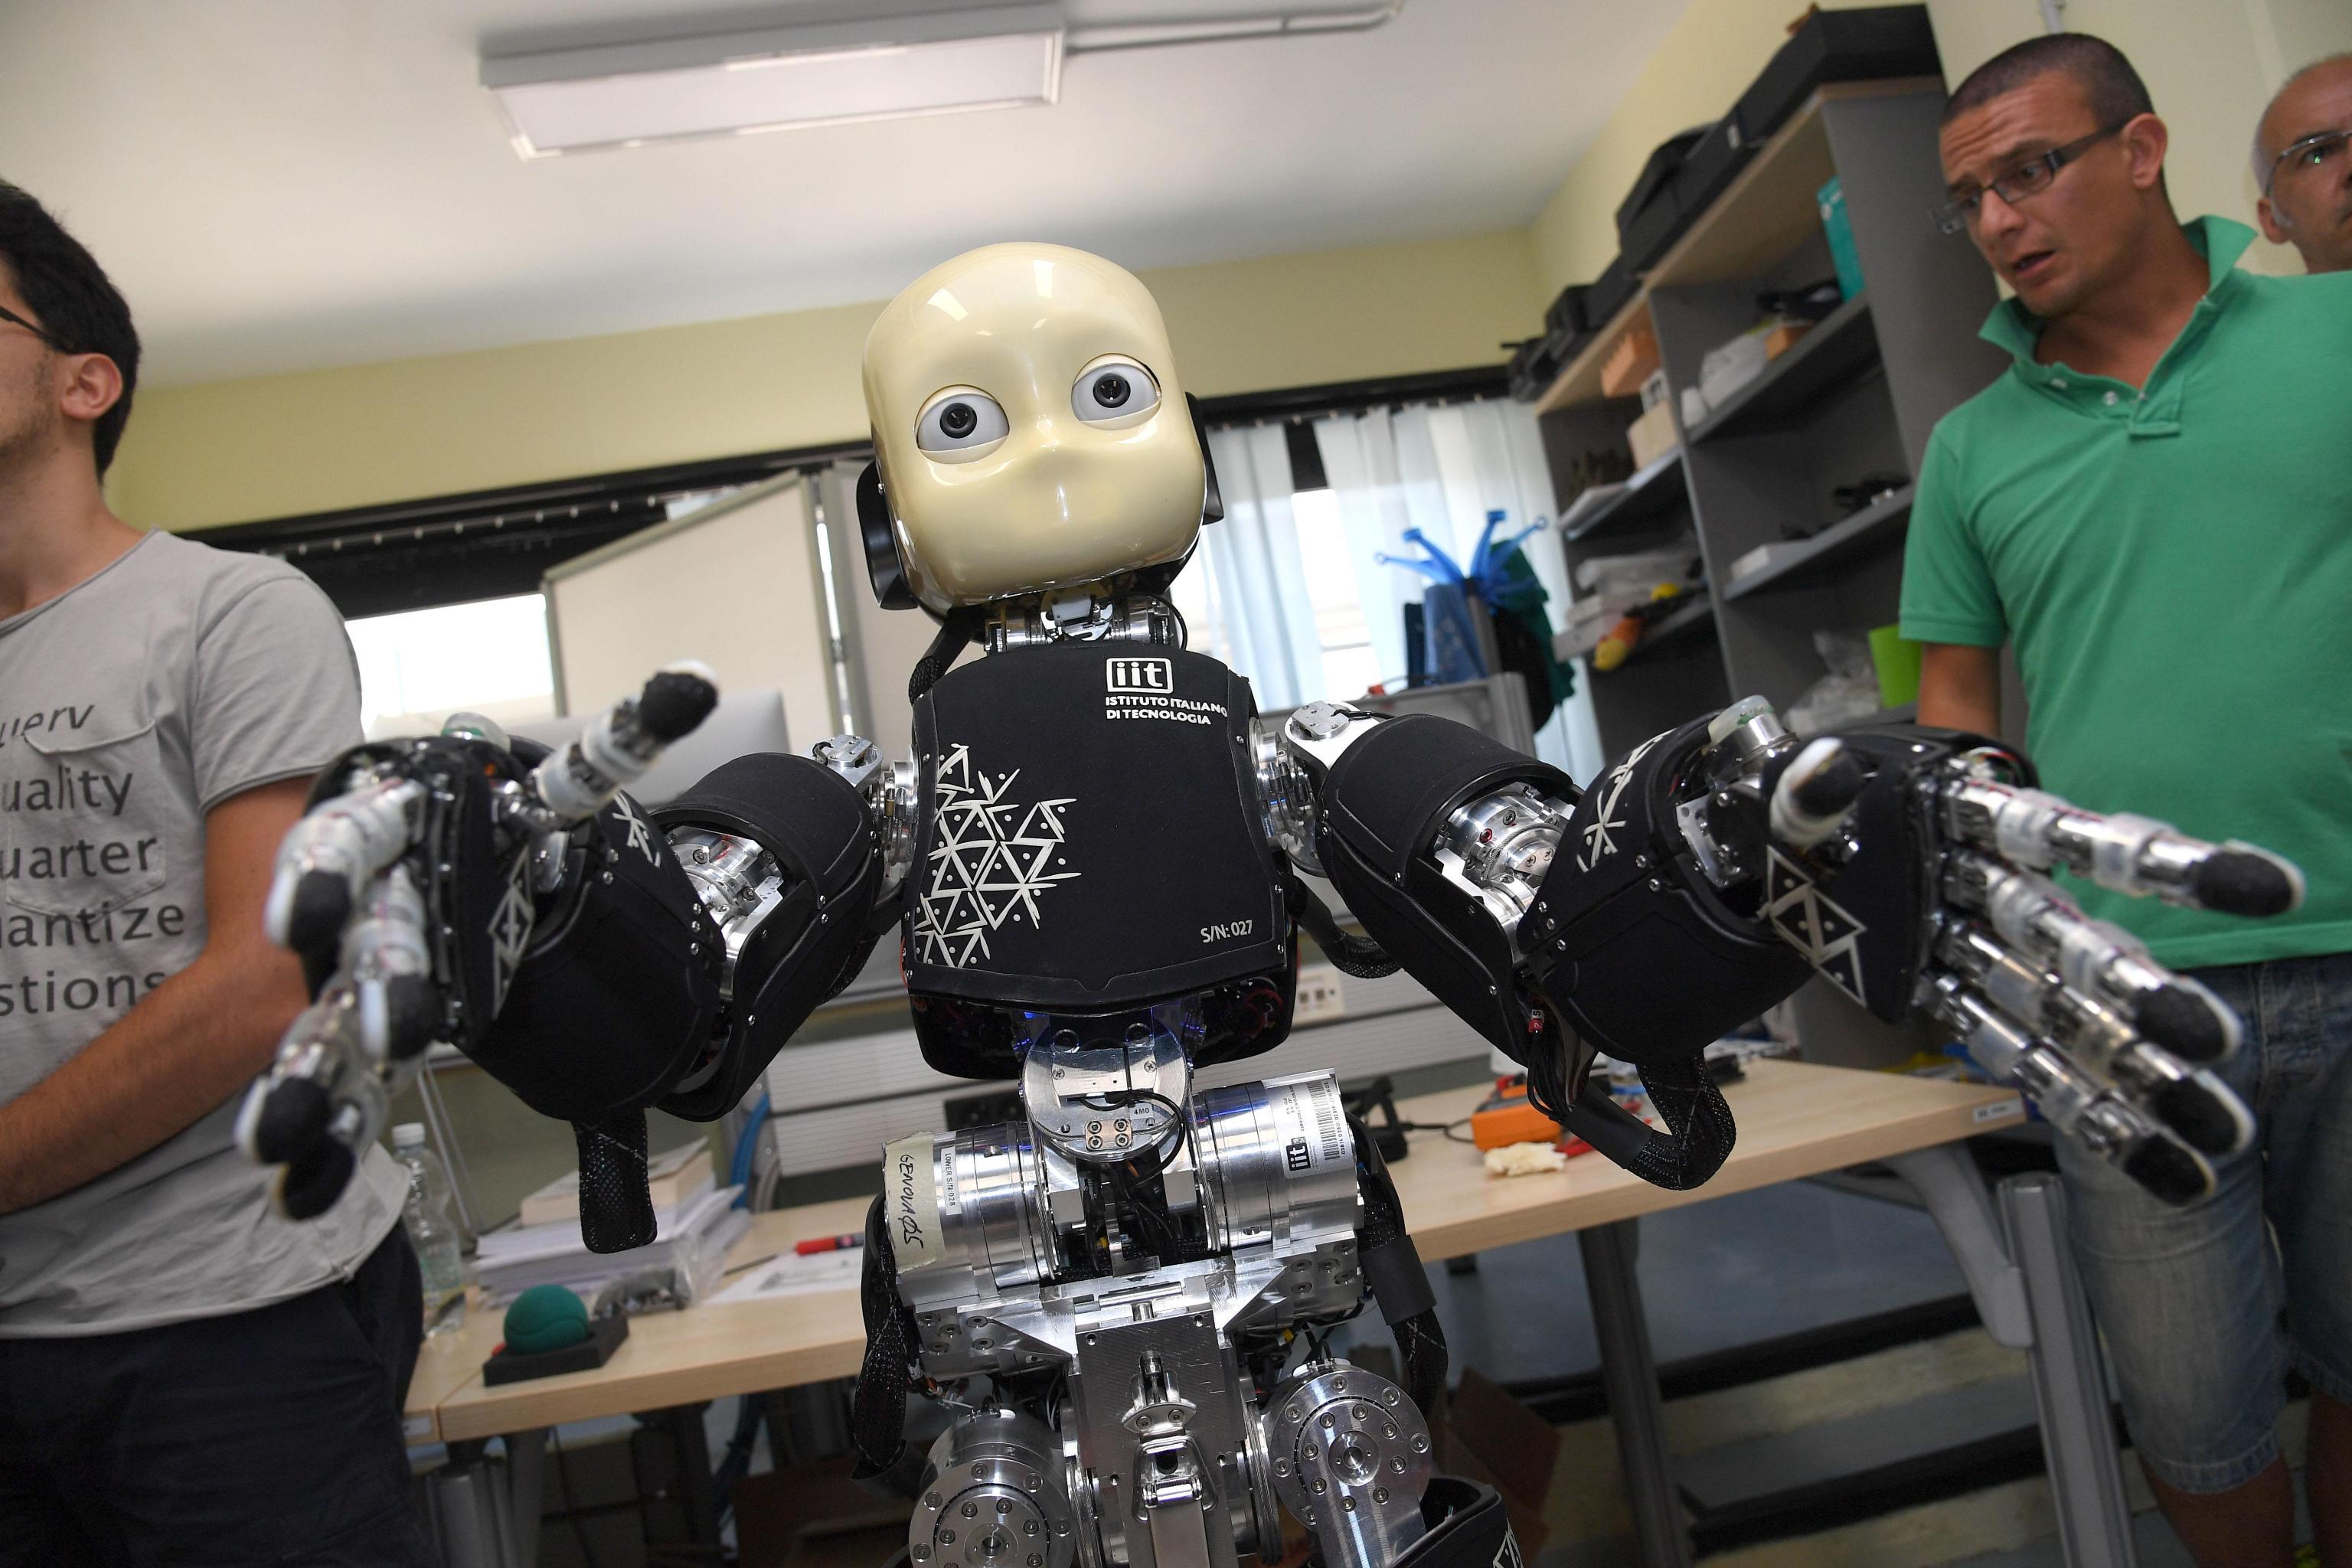 Robot bambino debutta in società